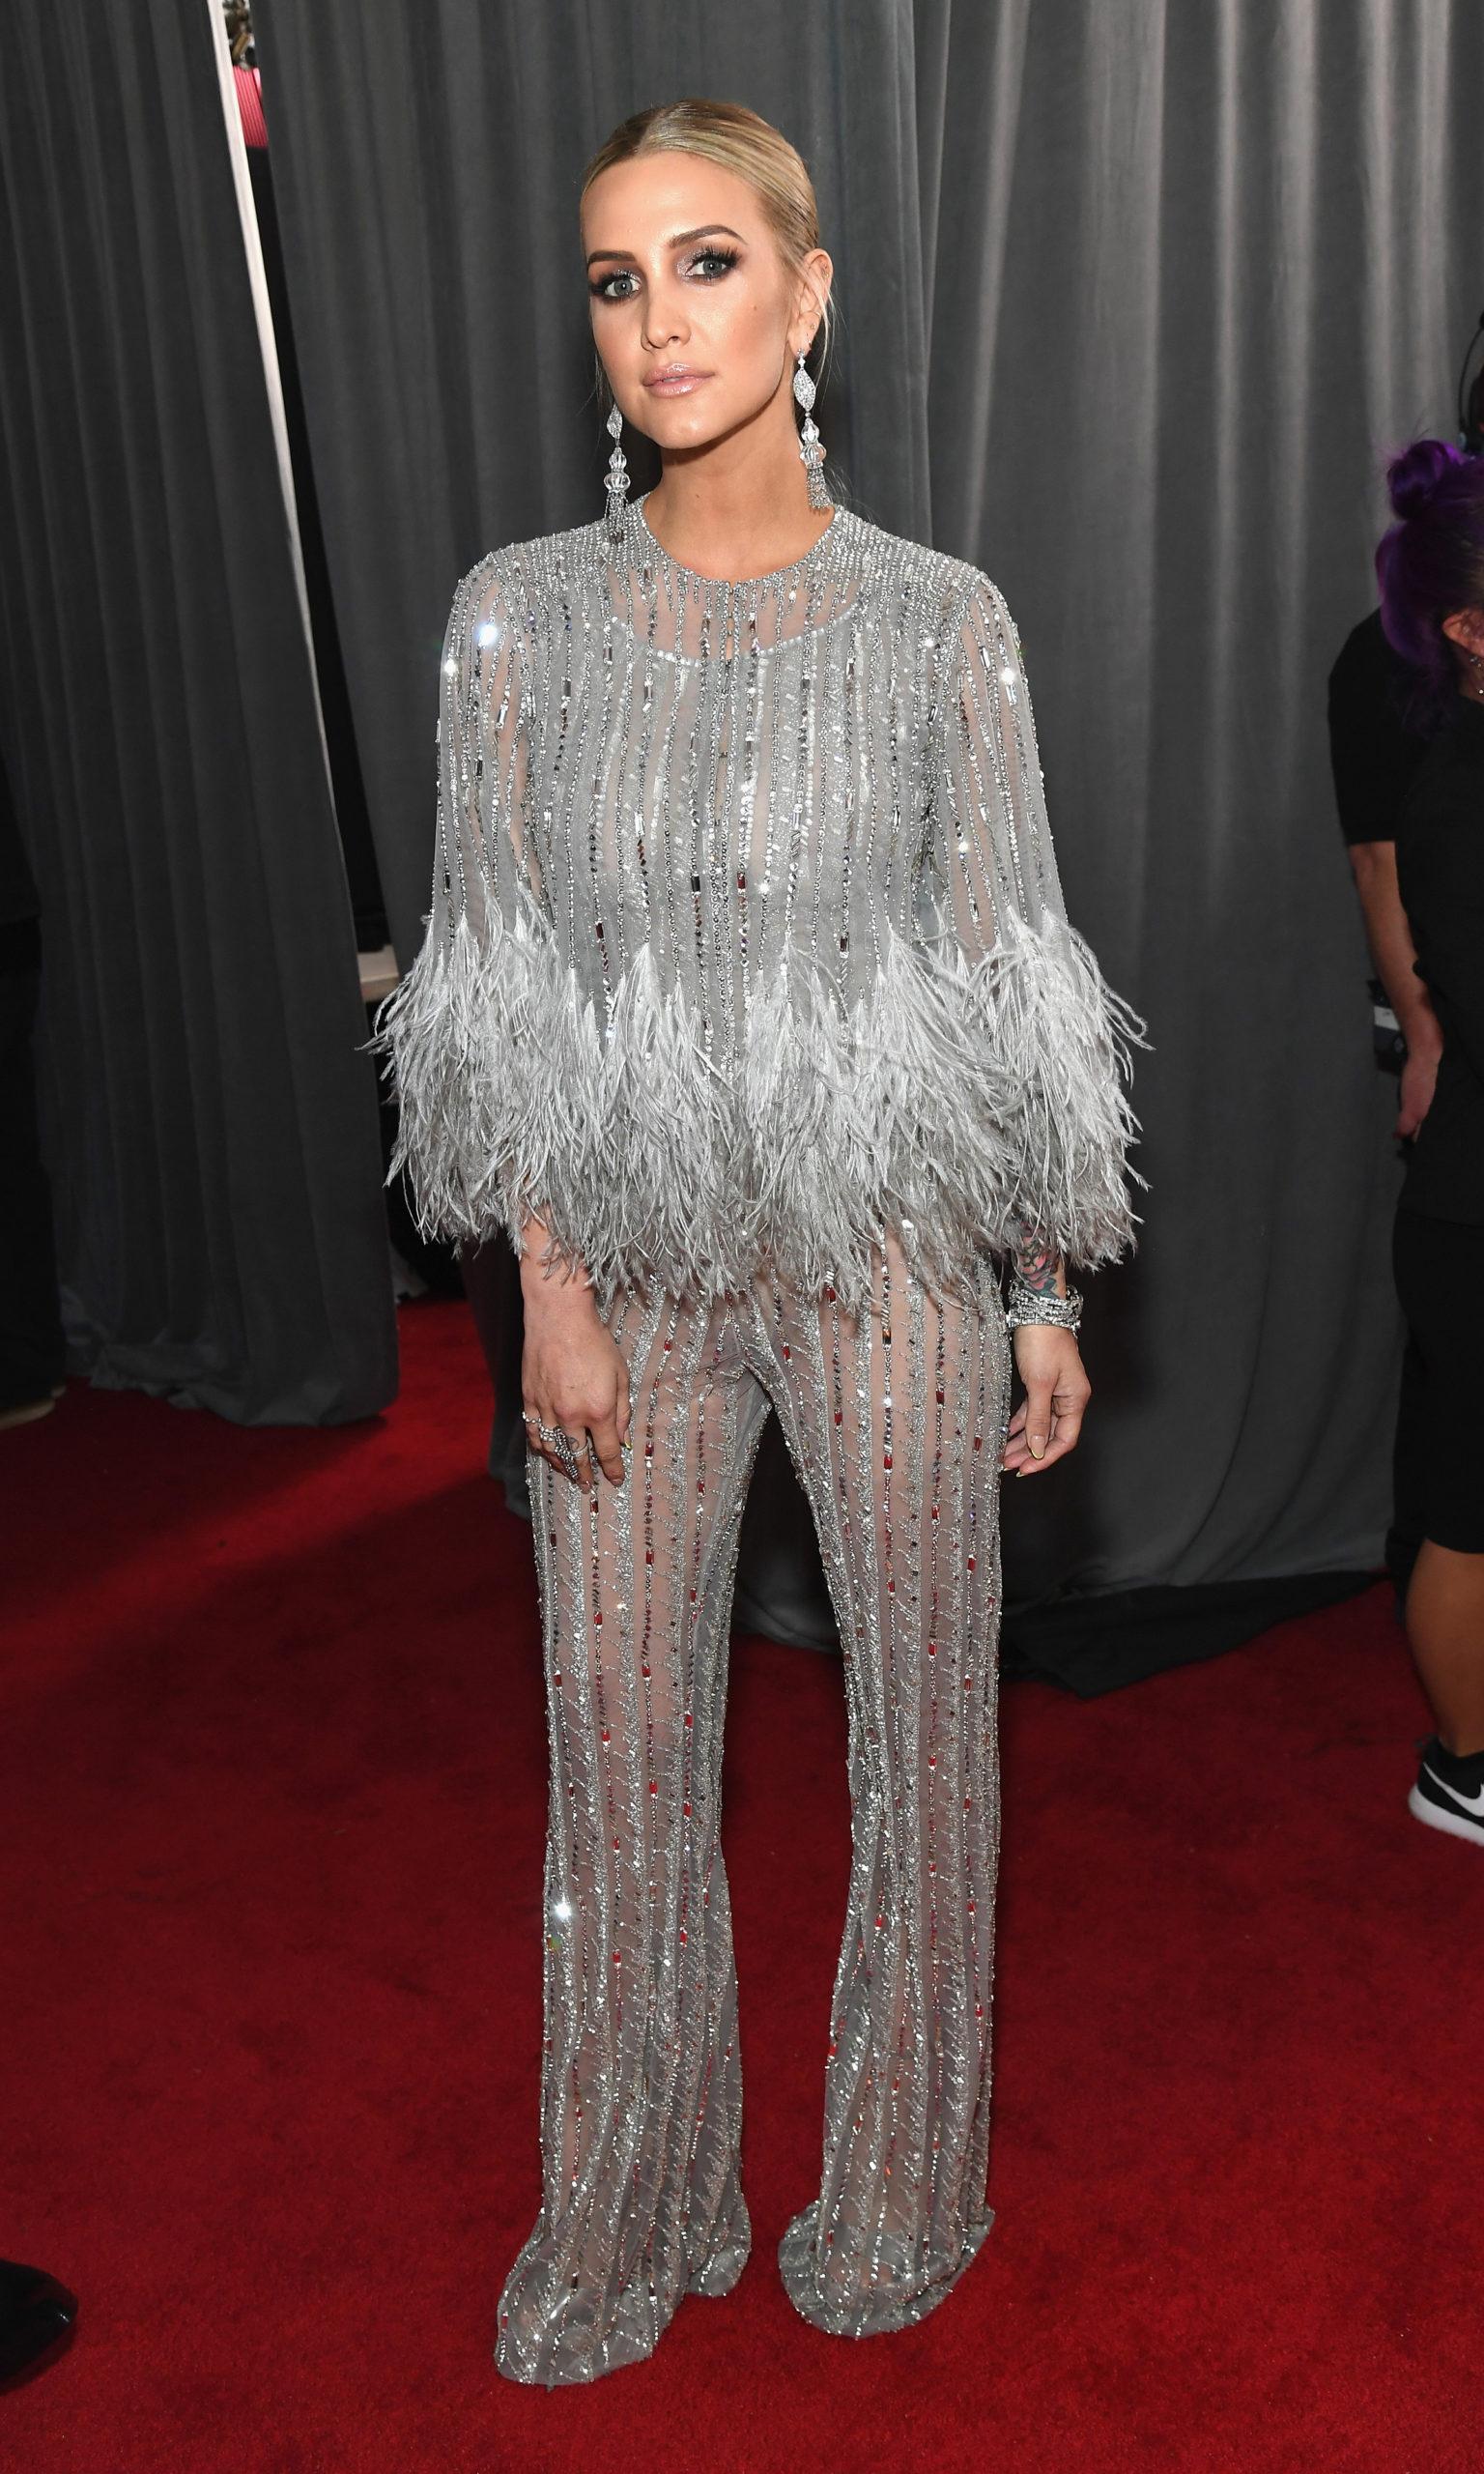 Эшли Симпсон (Ashlee Simpson) в одежде с бахромой